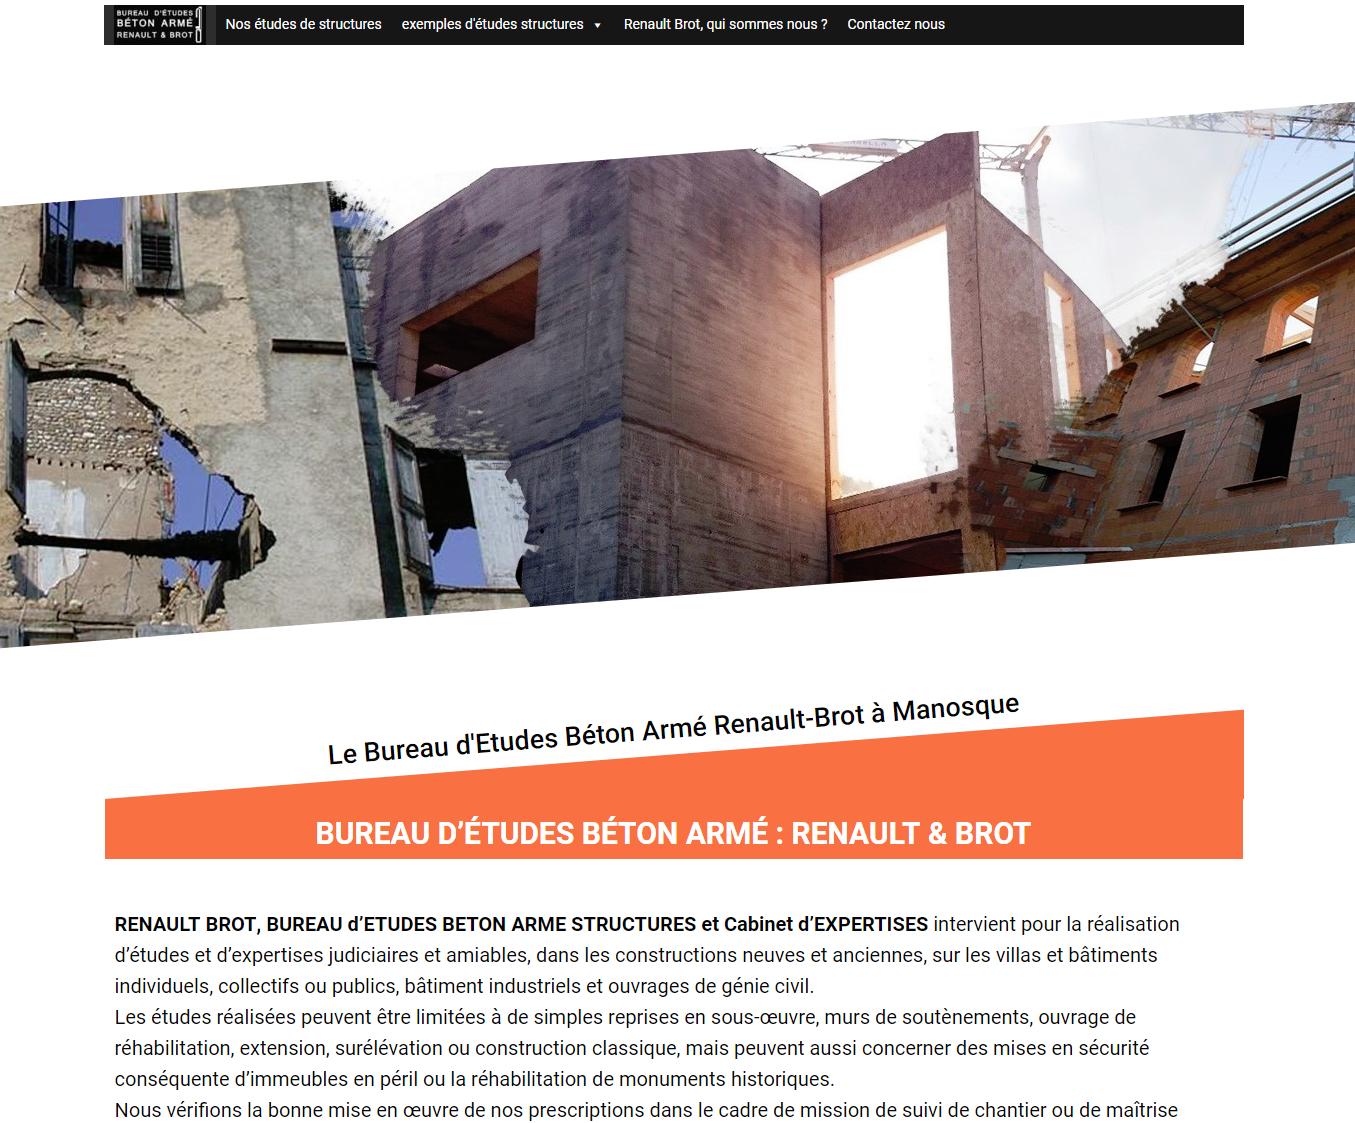 Bureau D Étude Béton Marseille bureau d'Études bÉton armÉ : renault & brot - le bureau d